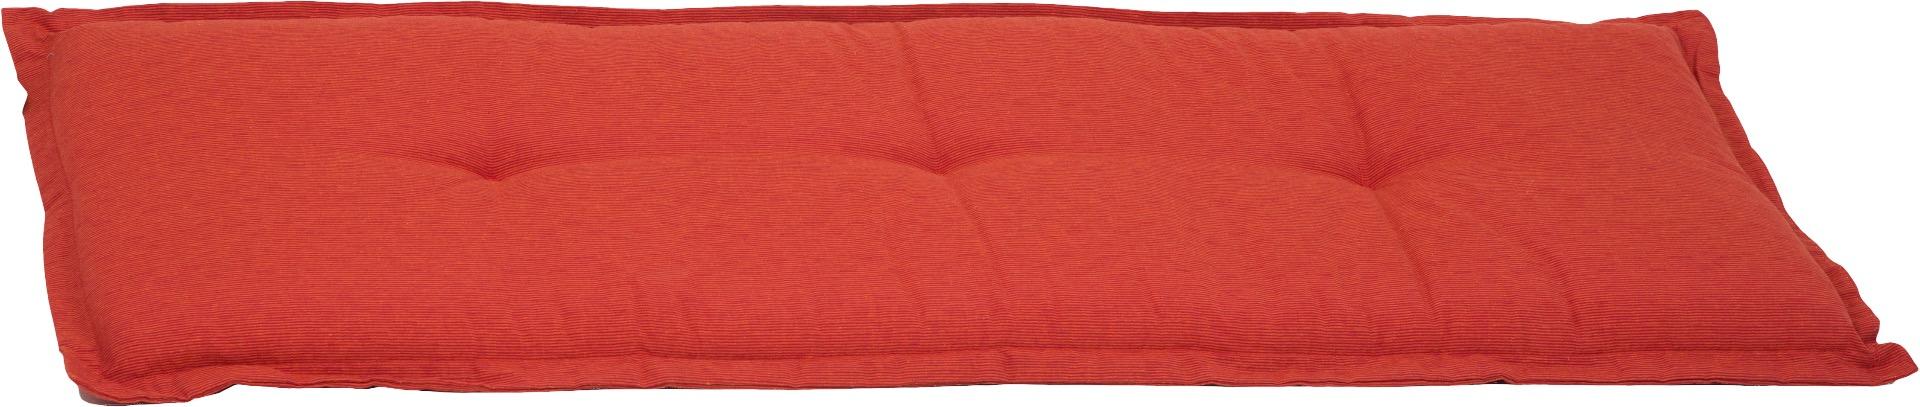 Bankauflage 3-Sitzer Sitzkissen ca. 145x45x6 cm orange meliert